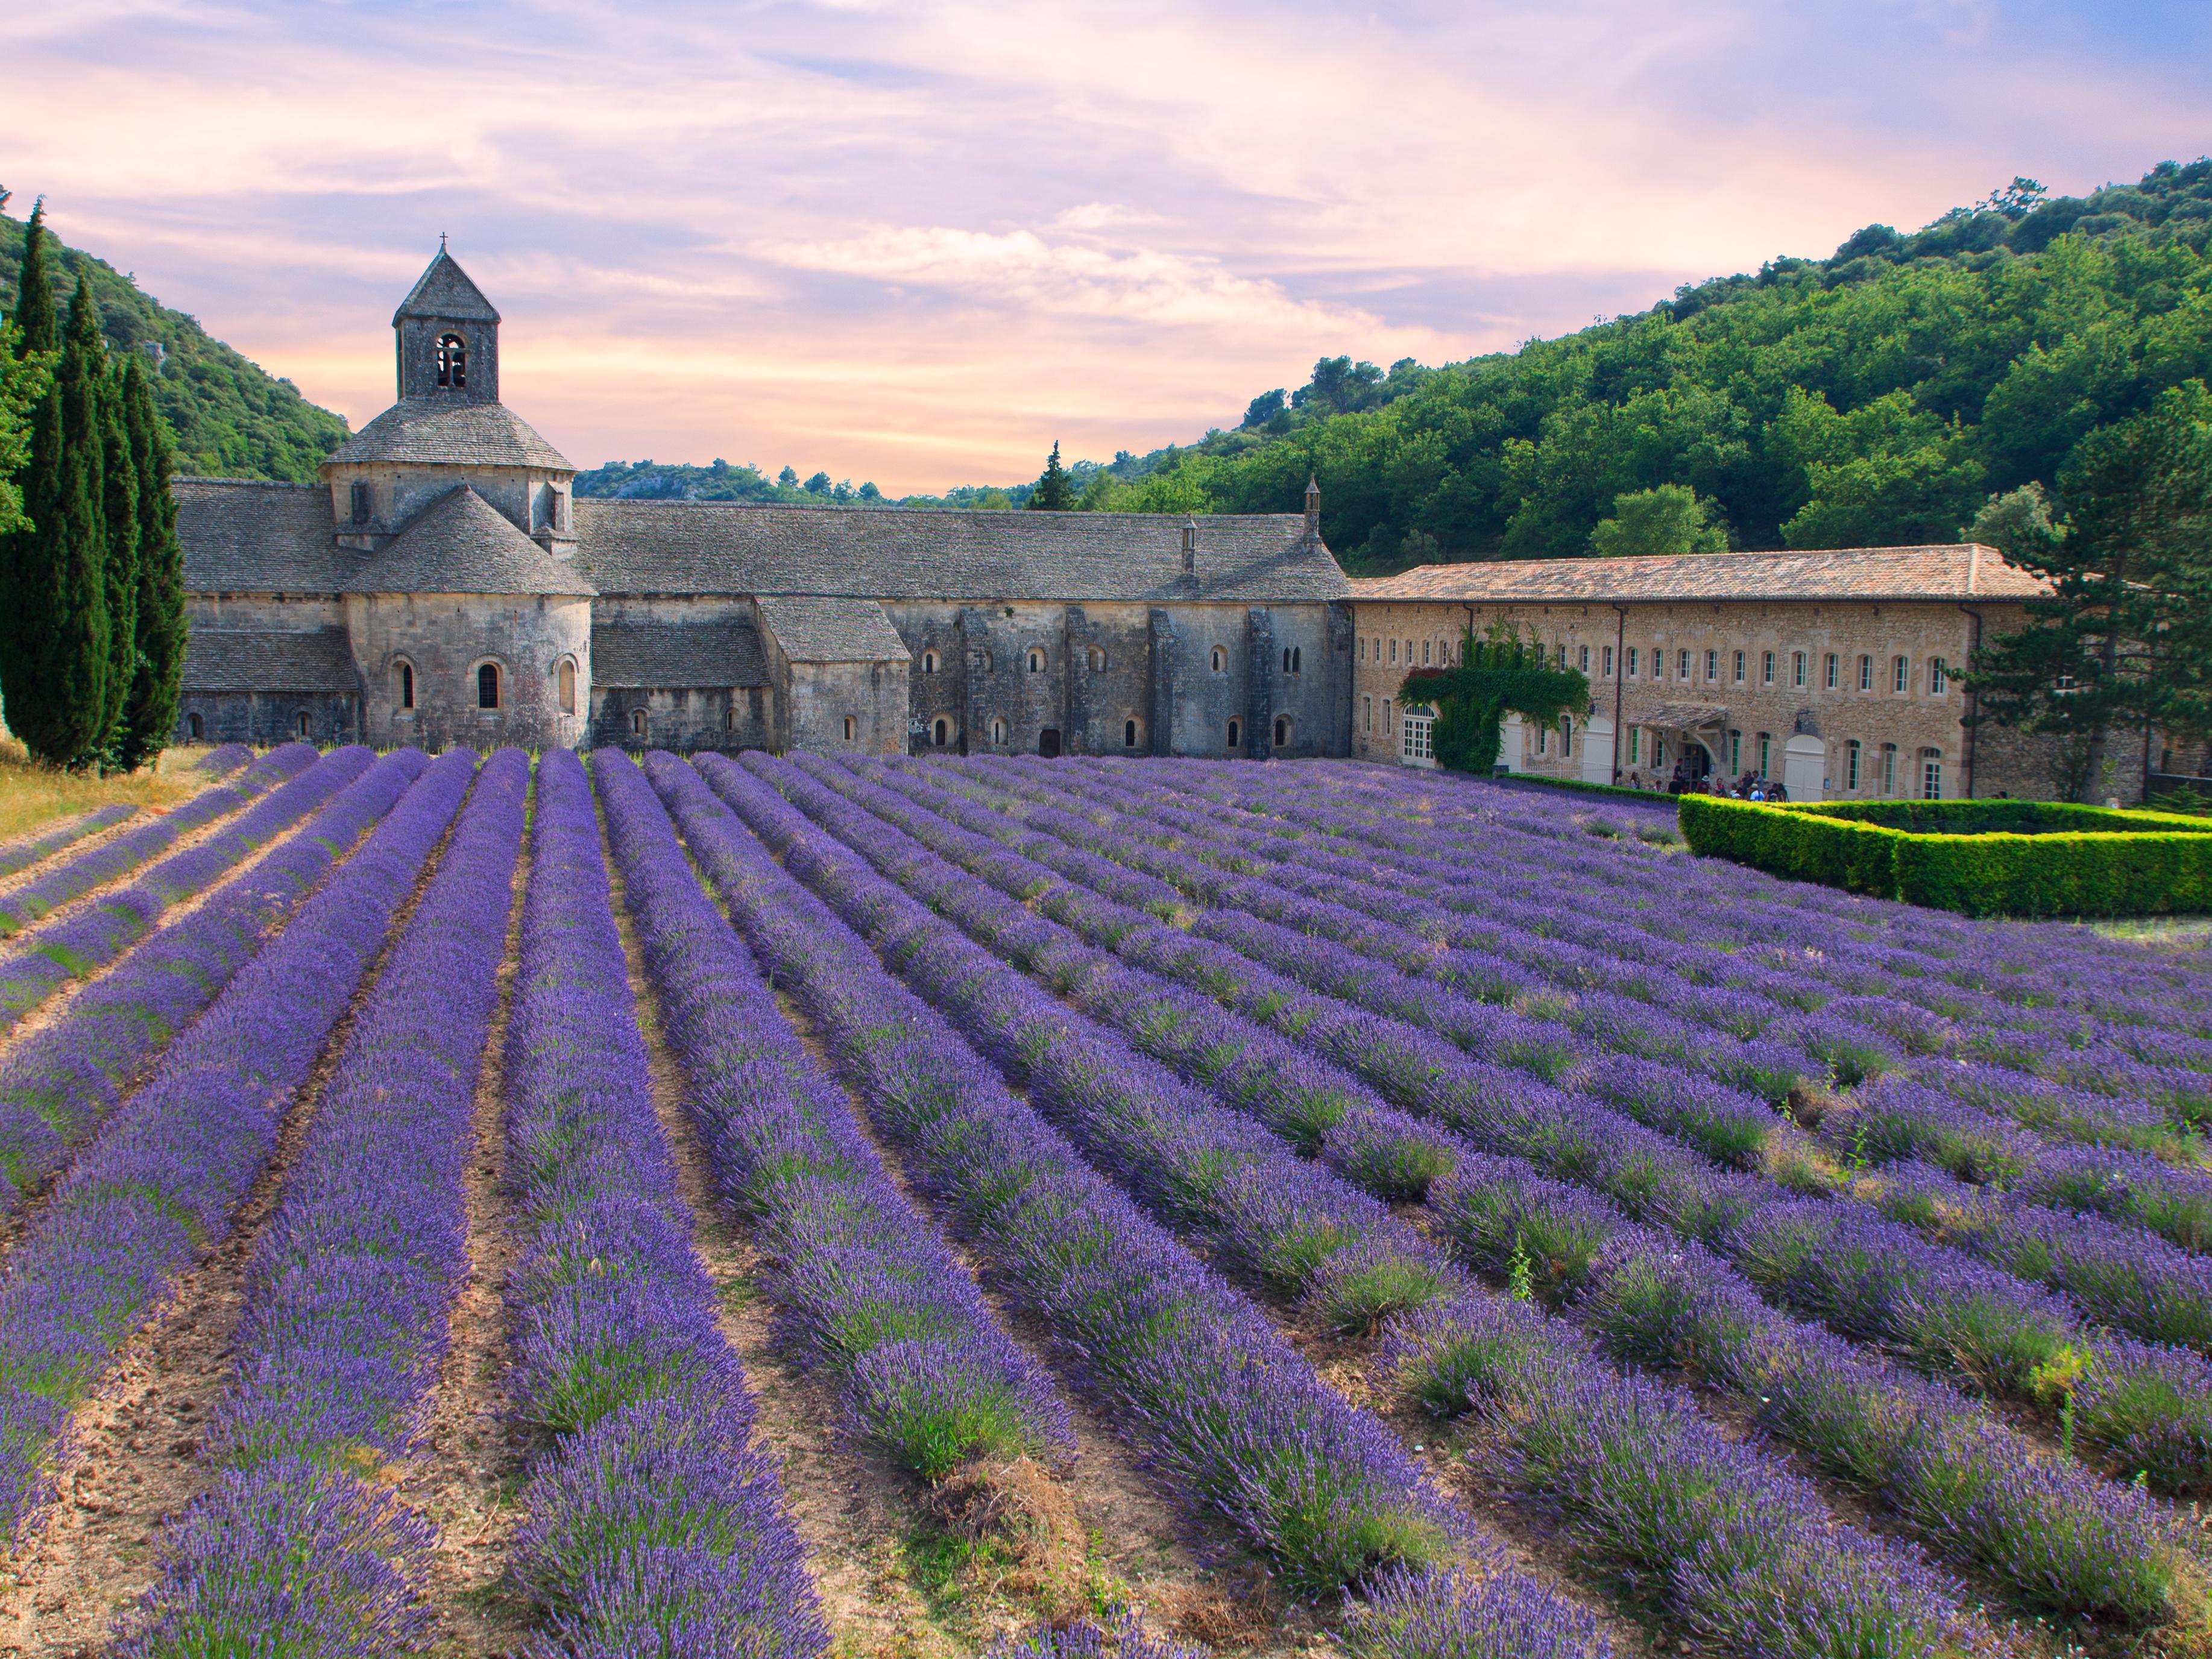 Rejse I Frankrig: Klosteret Og Lavendelmarken